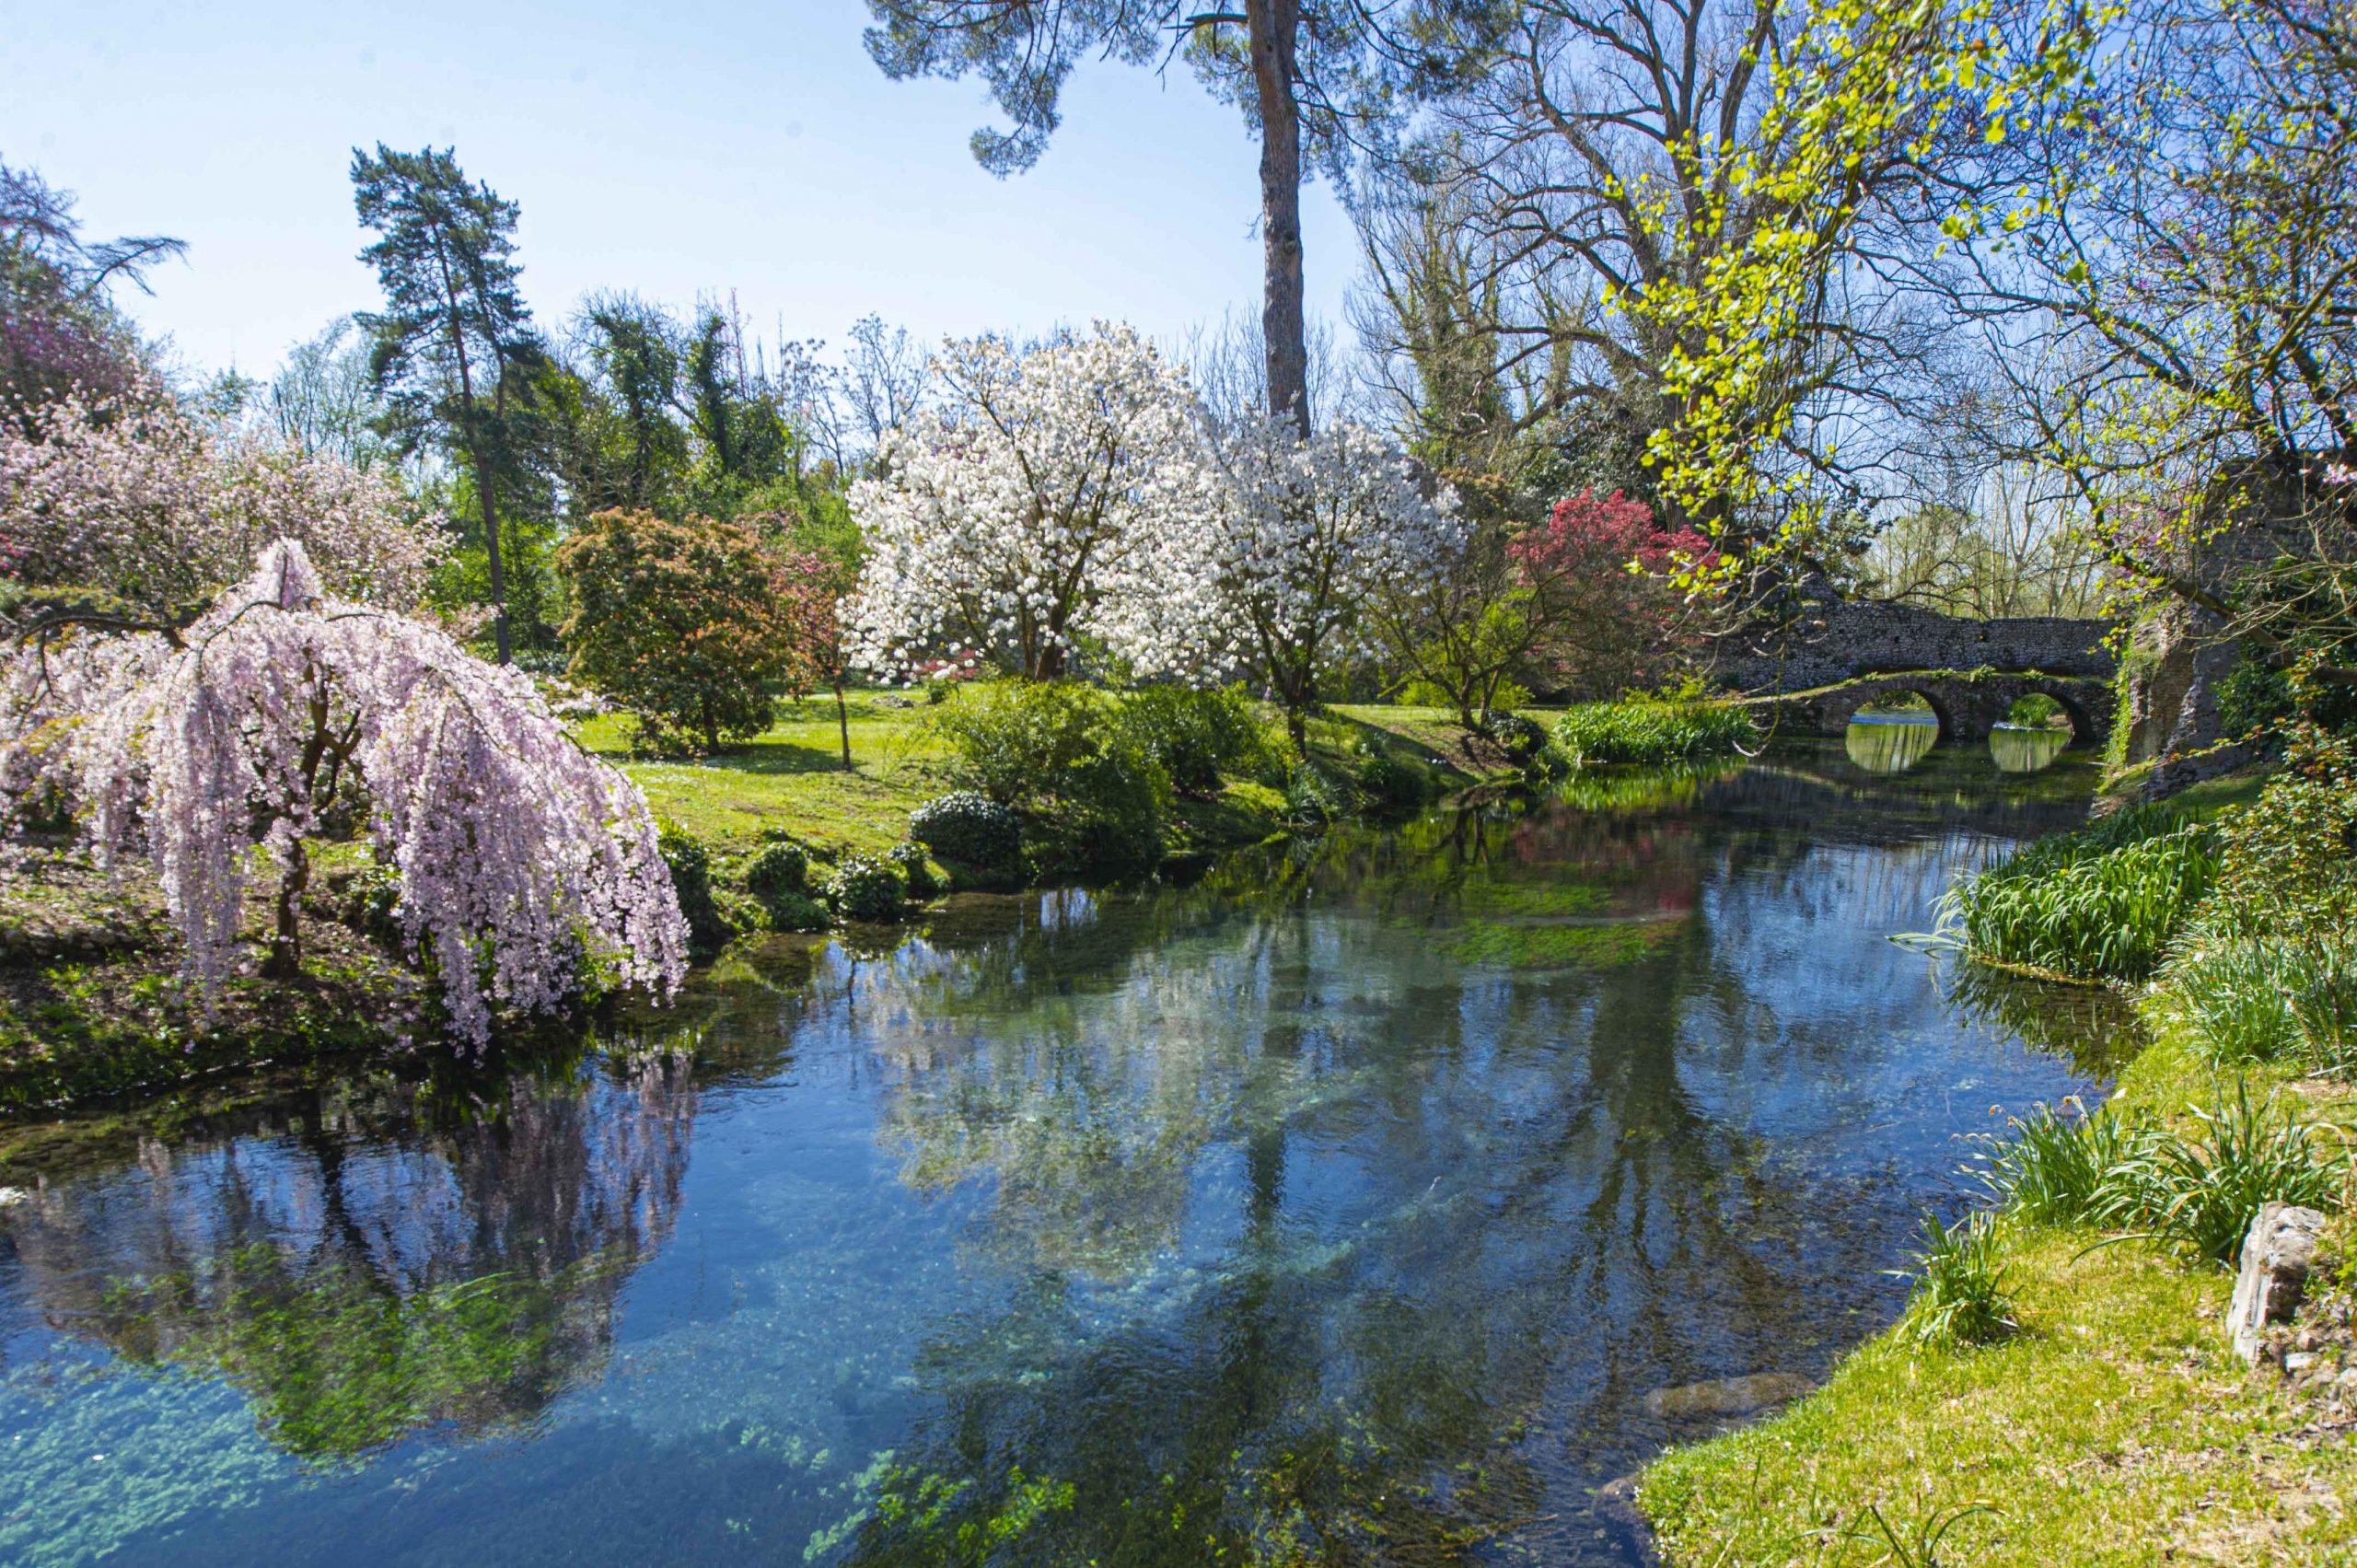 Fiume Ninfa, sul fondo Ponte a due luci a ridosso del muro di cinta, sulle sponde del fiume un ciliegio giapponese pendulo e due varietà di Pruni ornamentali.